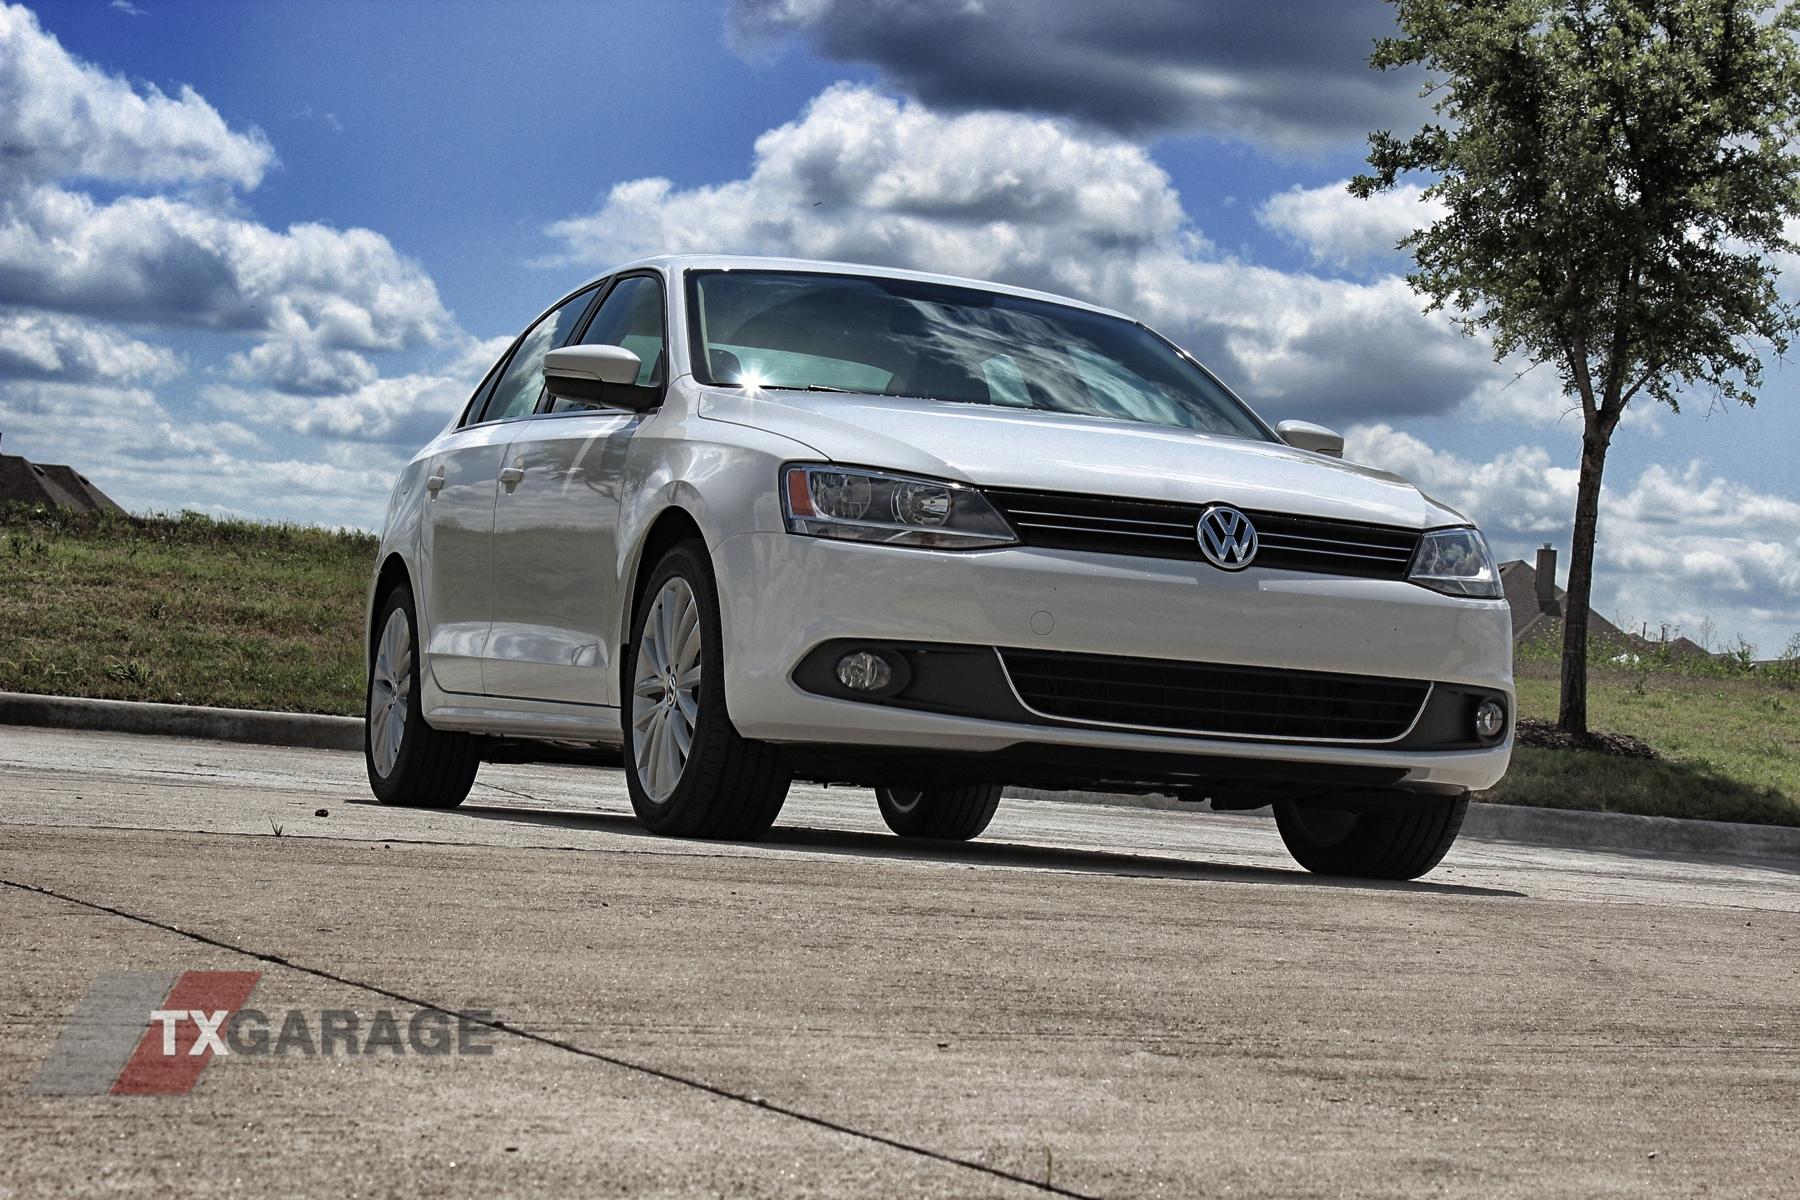 2013 Volkswagen Jetta by txGarage